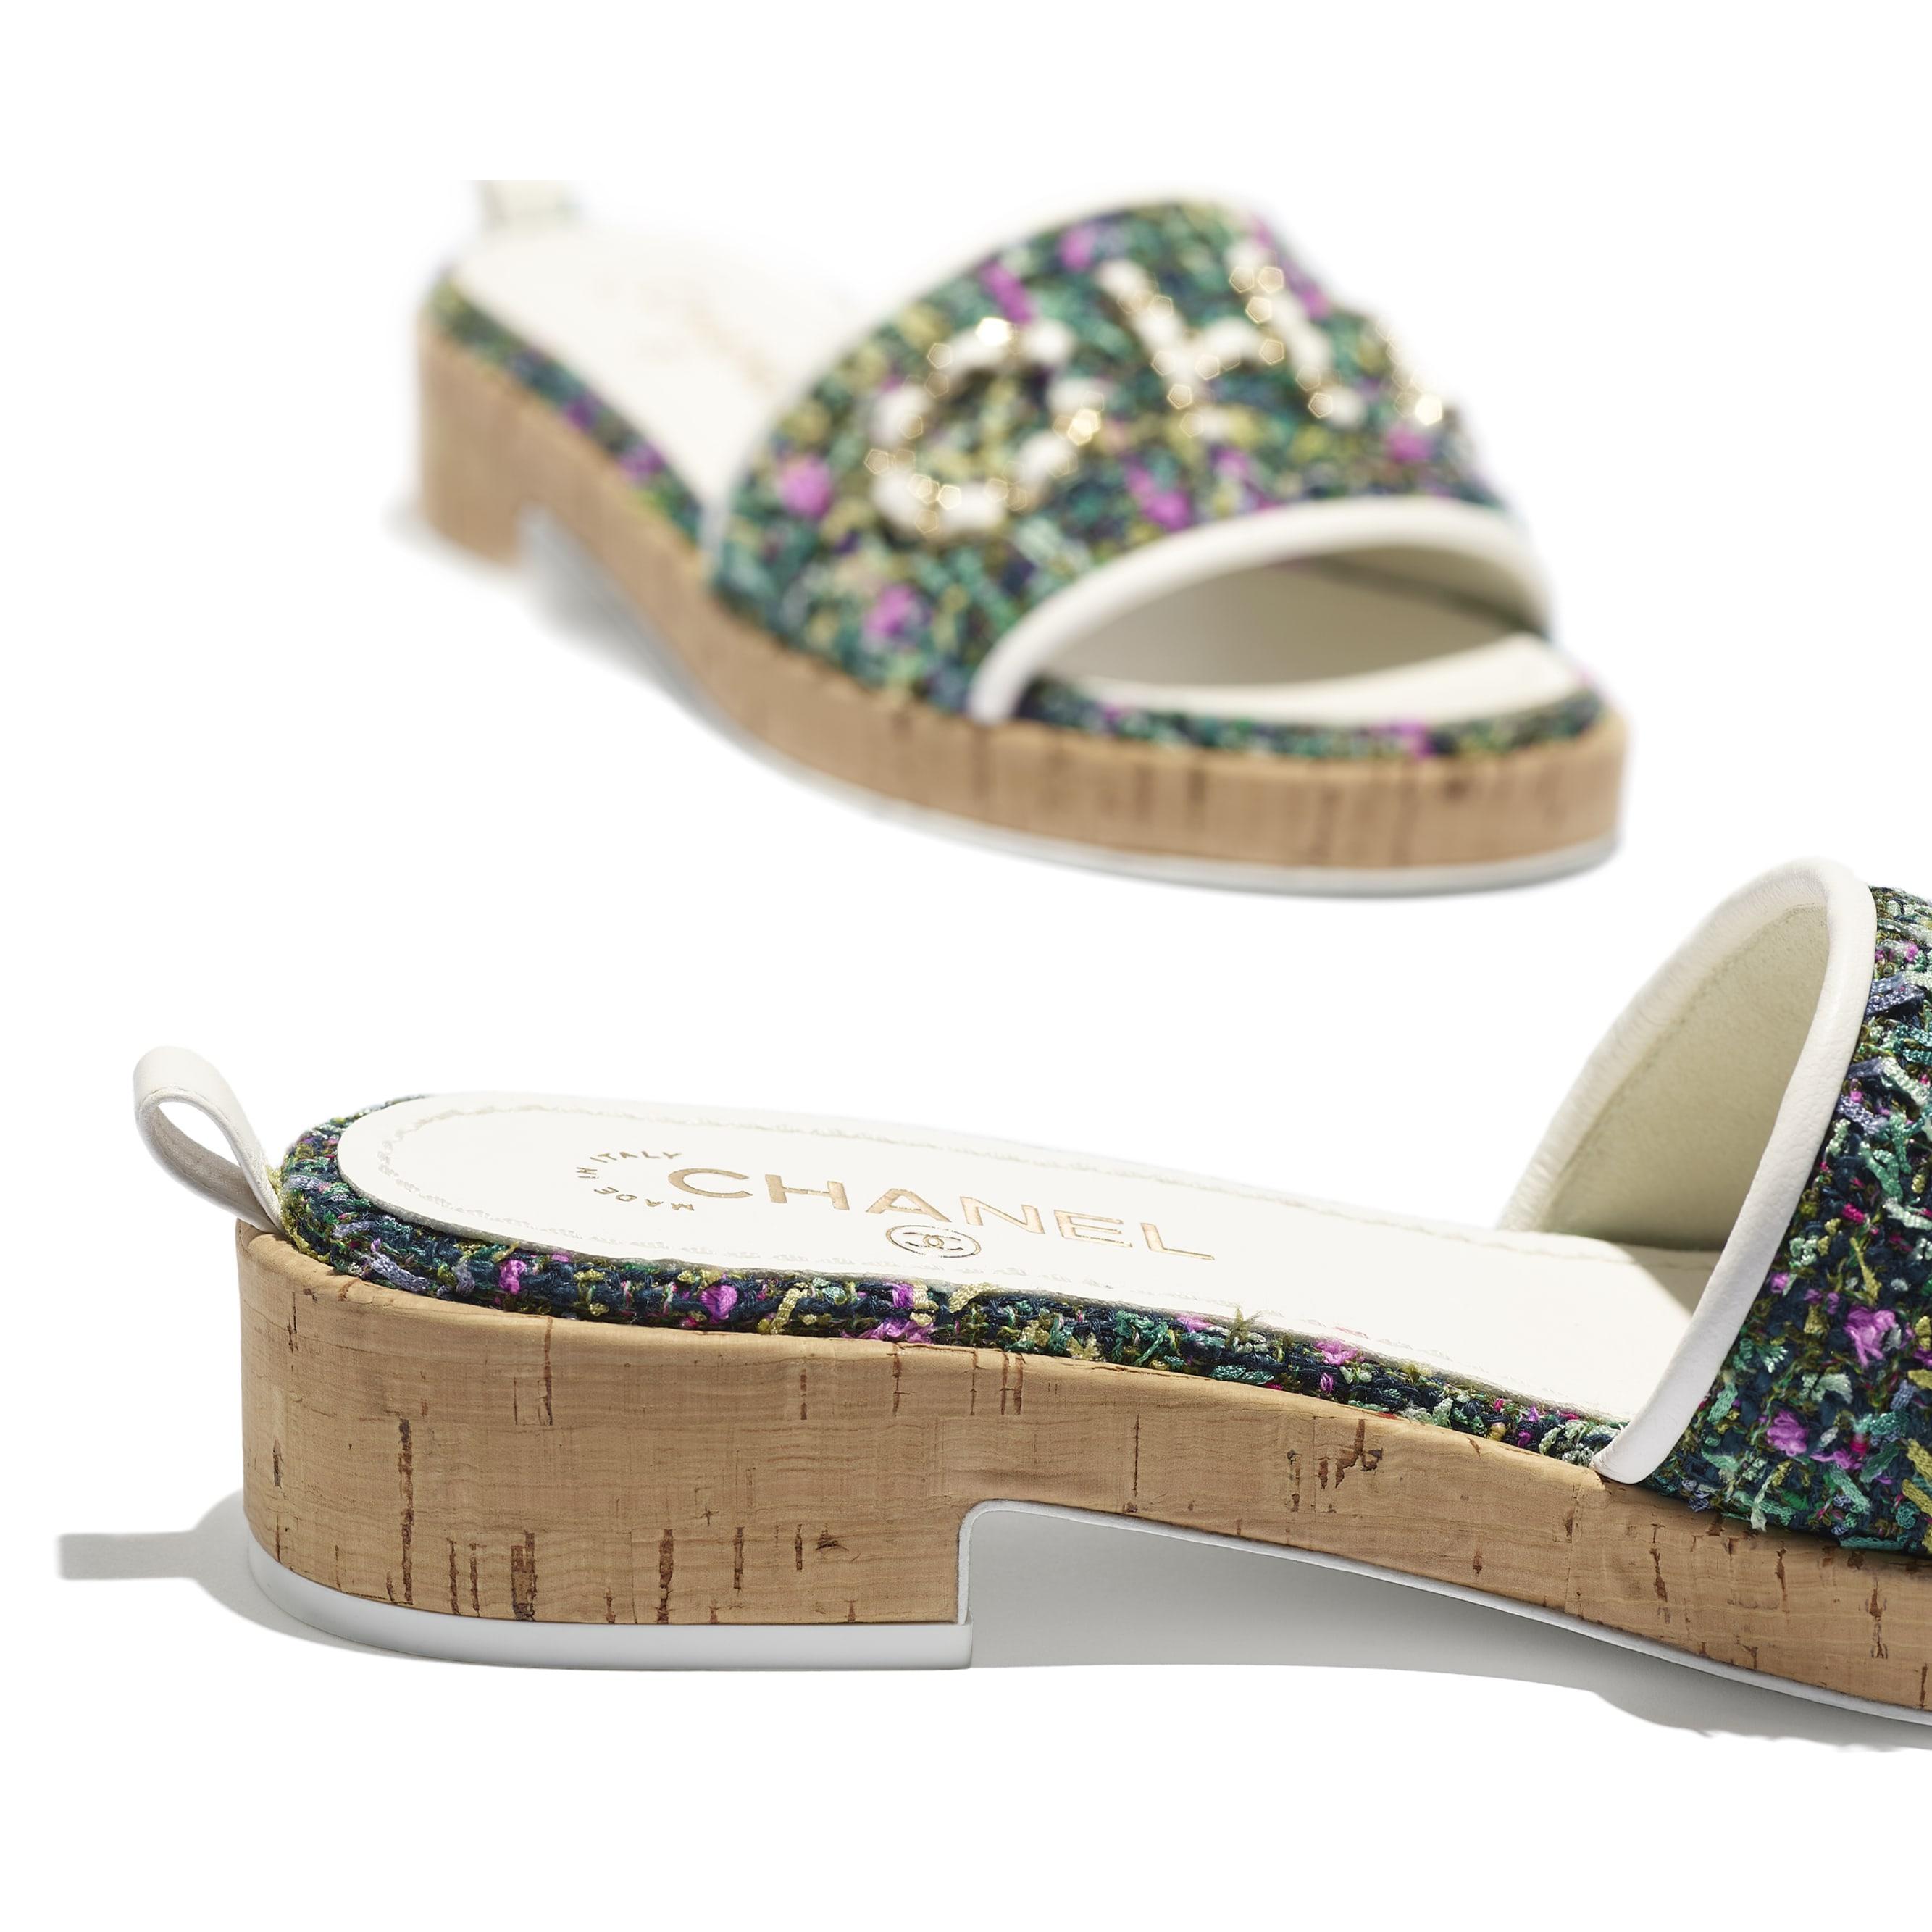 รองเท้าสวมเปิดส้น - สีเขียว สีชมพู และสีเหลือง - ผ้าทวีต - CHANEL - มุมมองพิเศษ - ดูเวอร์ชันขนาดมาตรฐาน